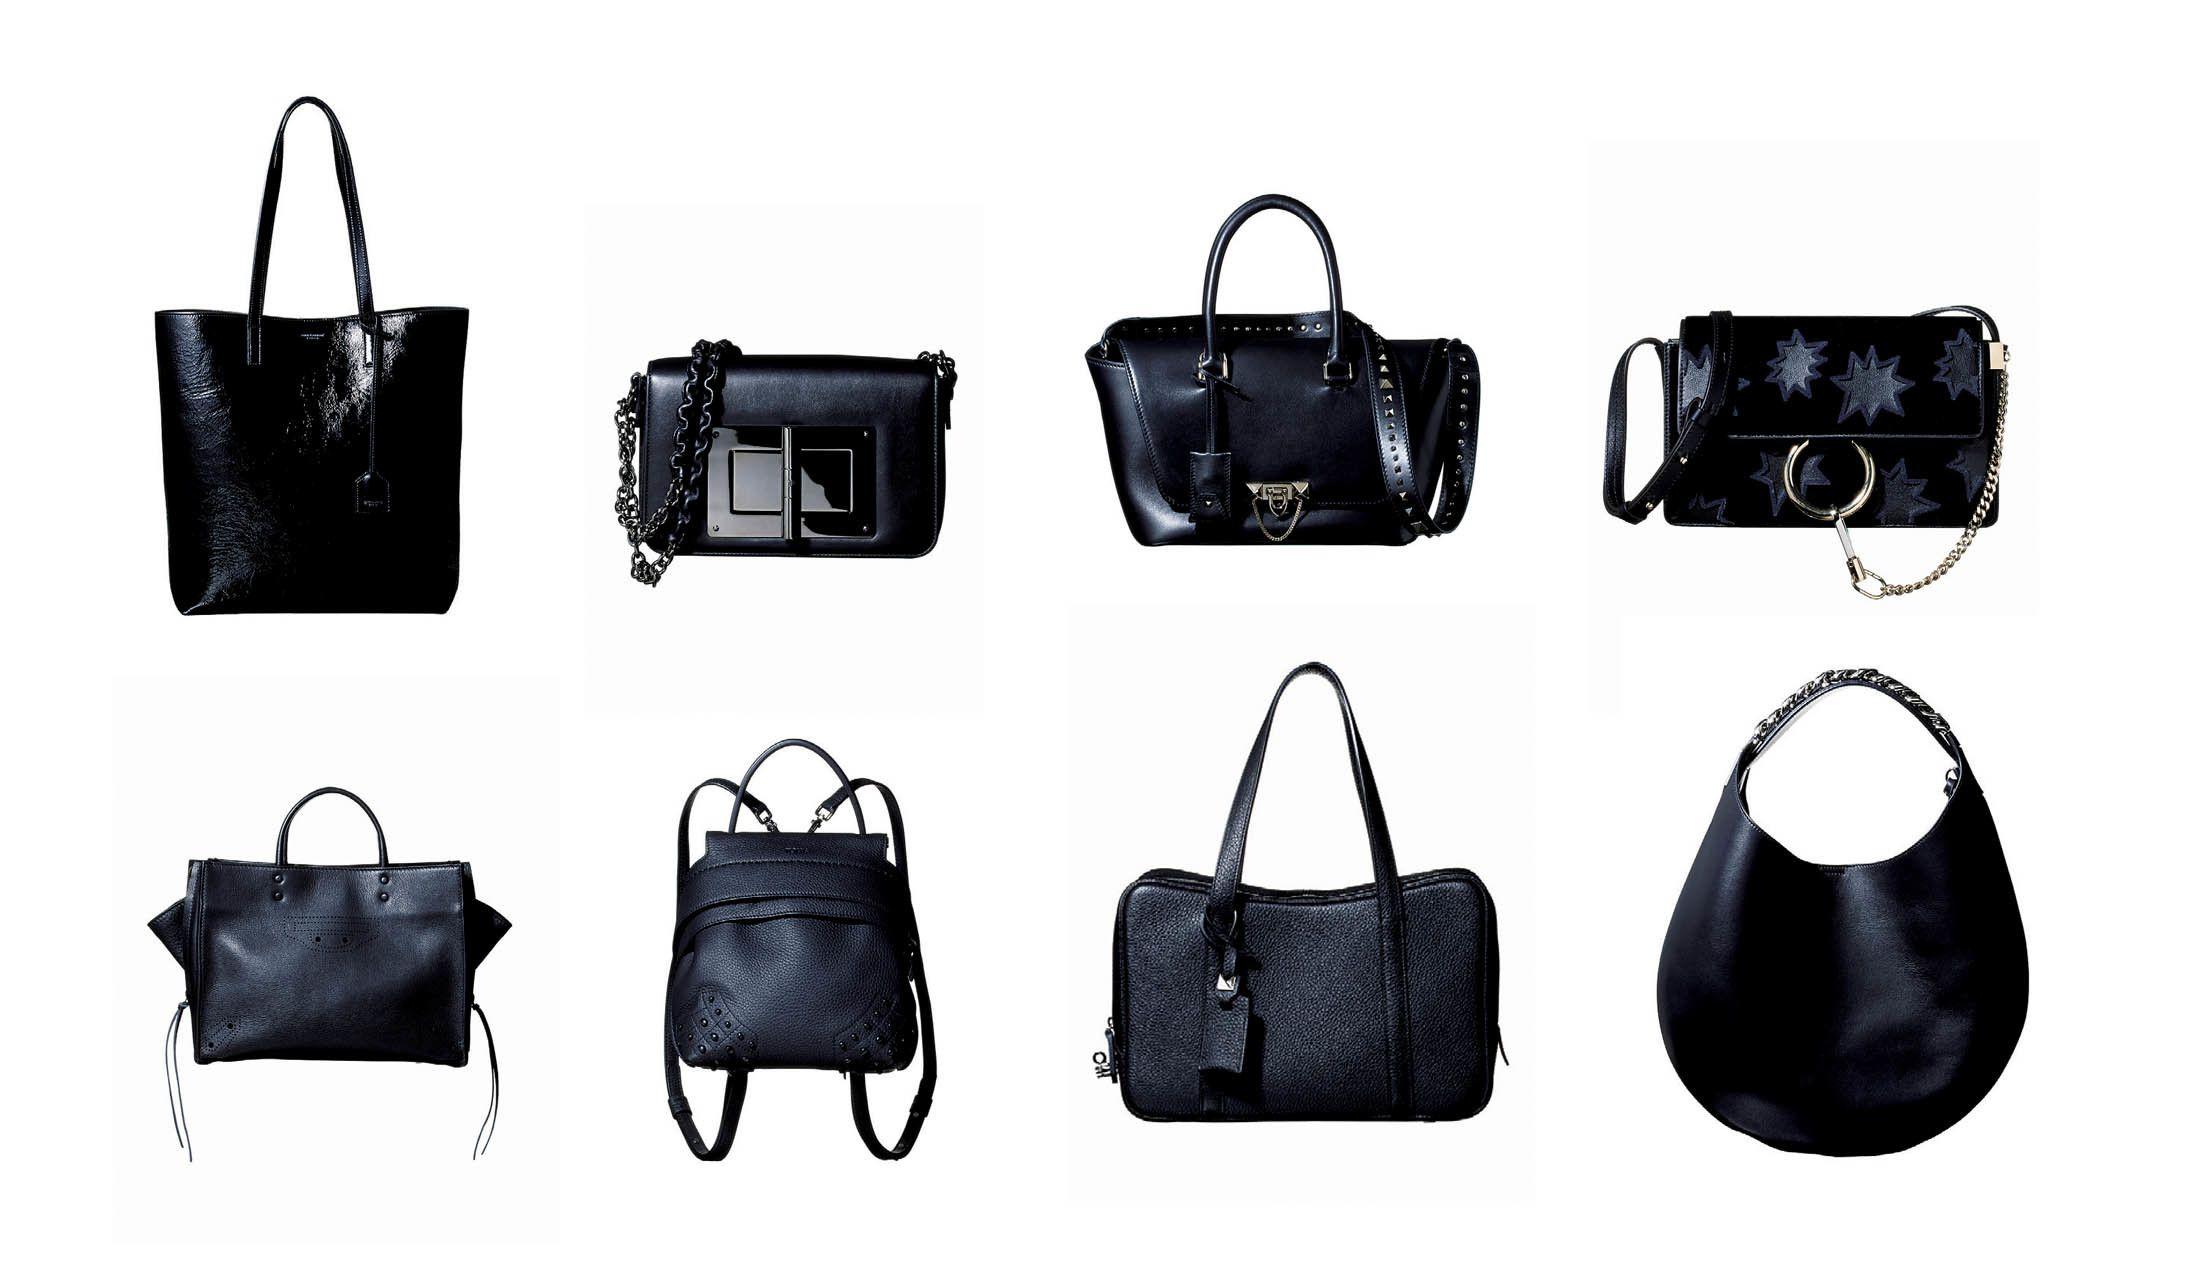 8つのラグジュアリーブランドによる「ブラック」バッグ